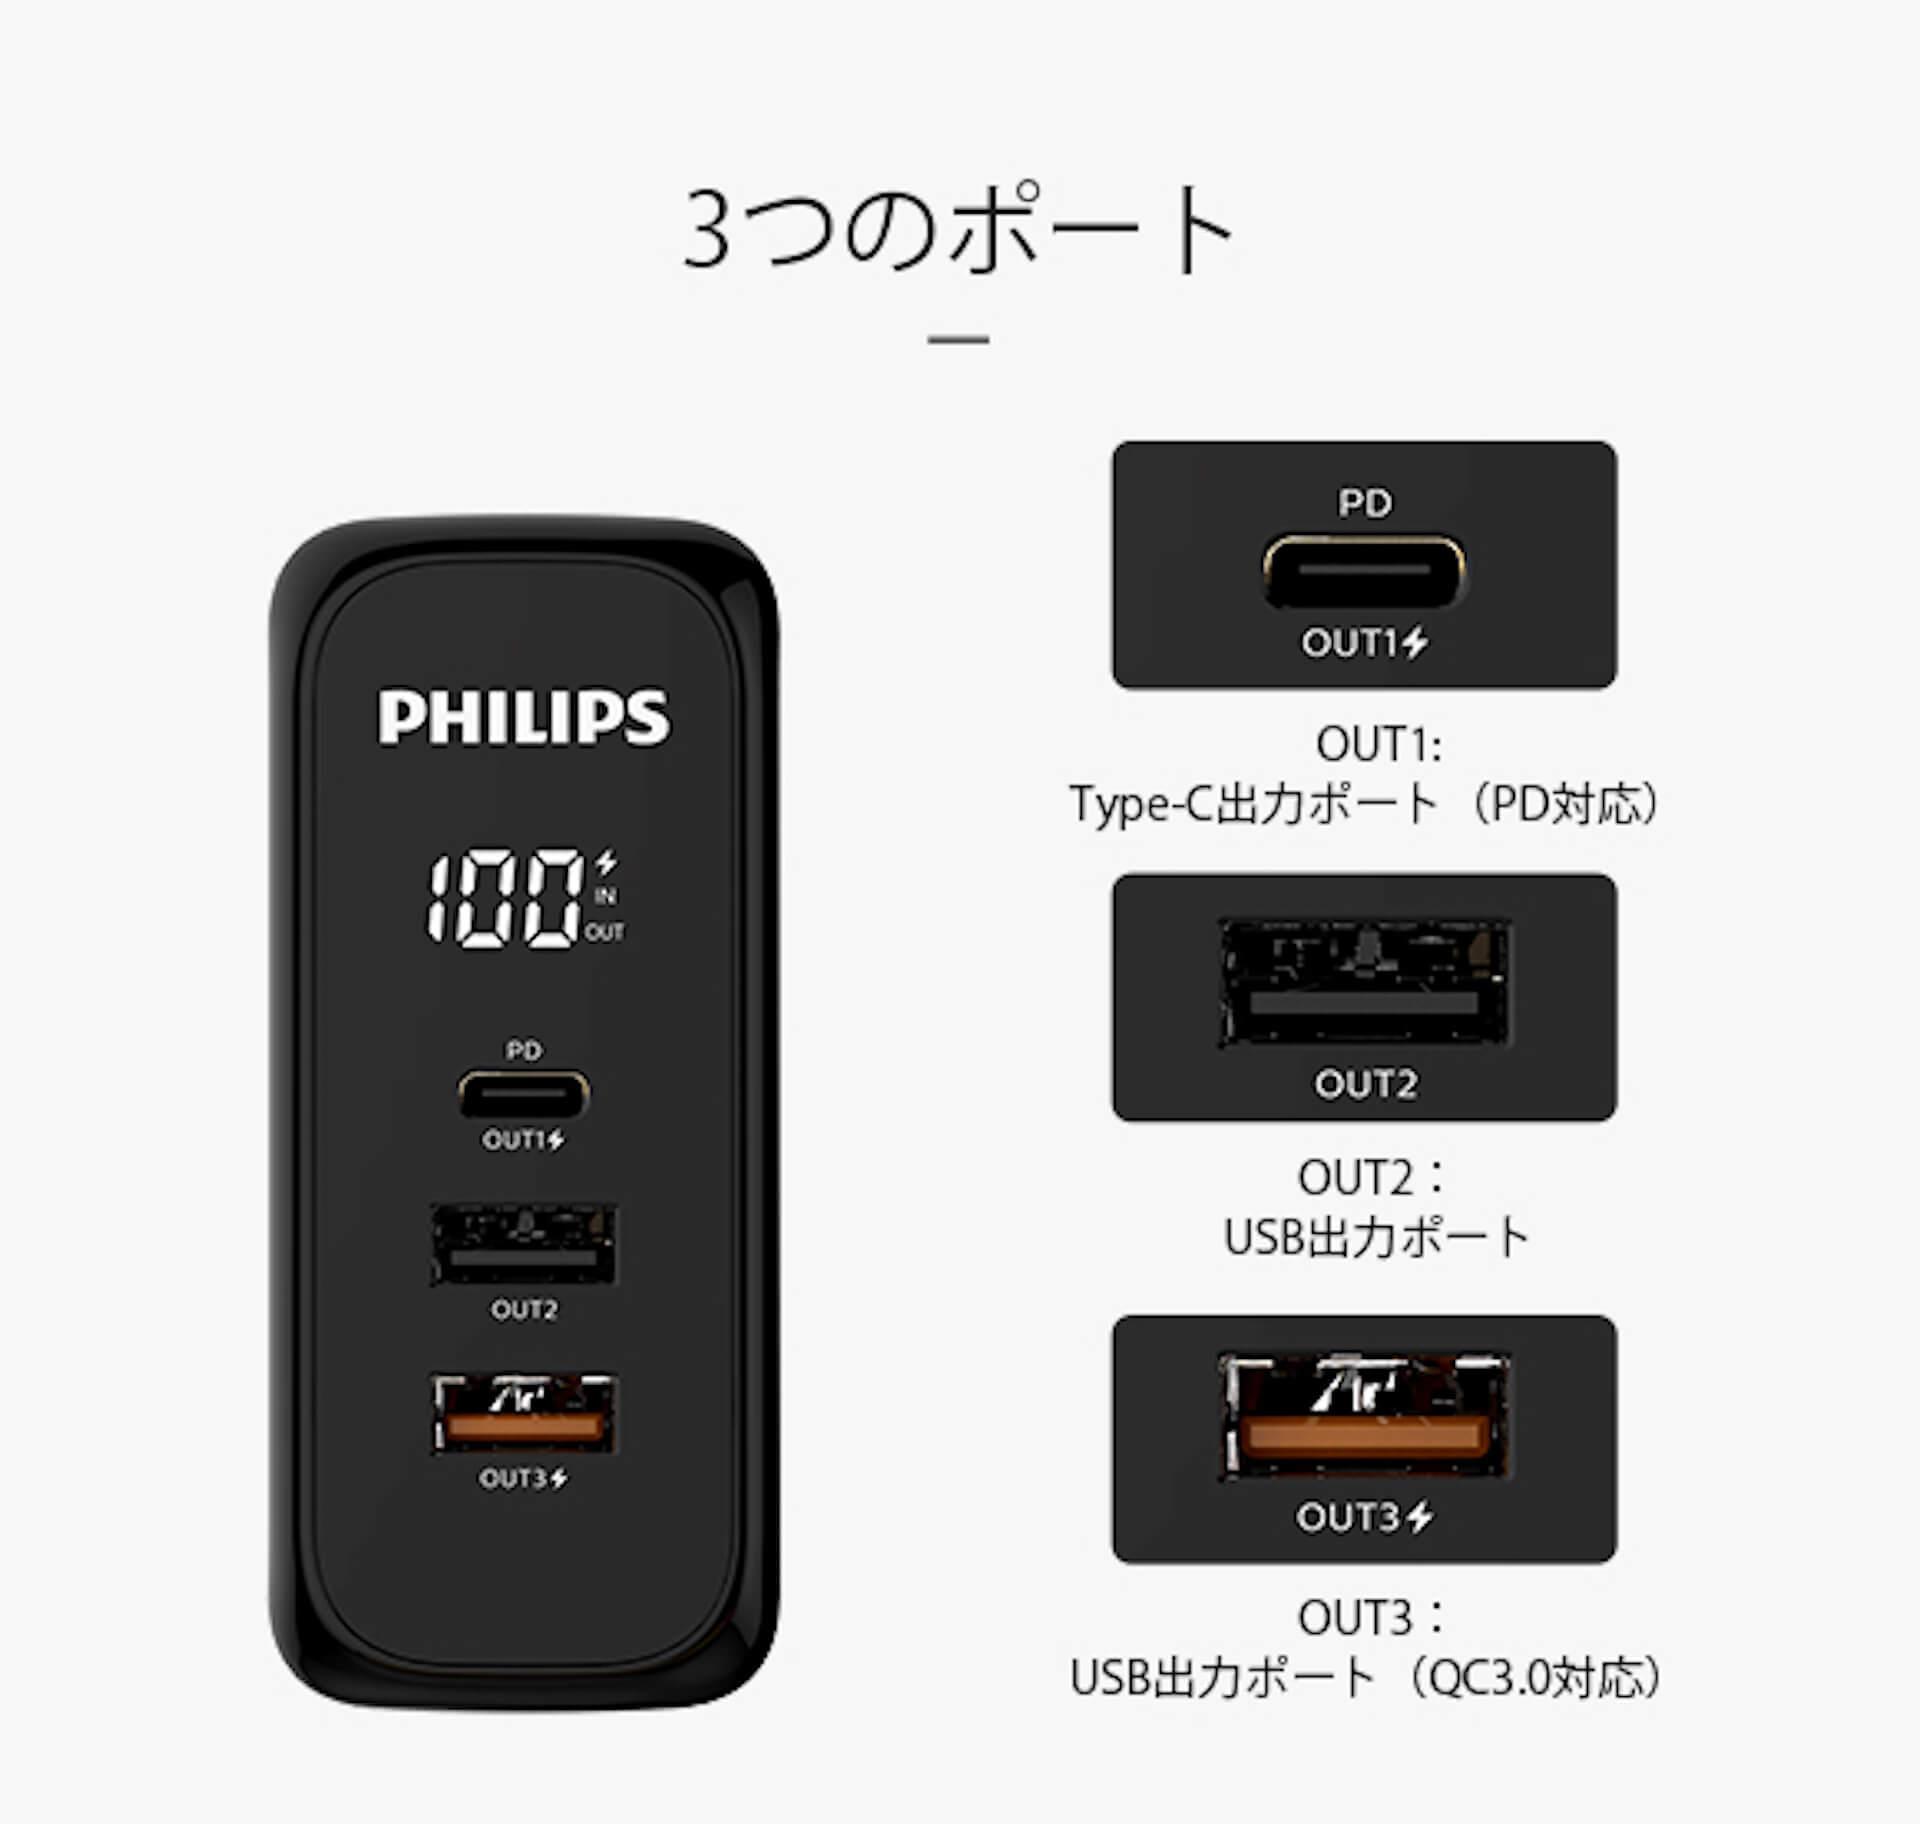 充電器とモバイルバッテリーが1つで完結するアダプターがPHILIPSから登場!クラウドファンディングにて先行販売が開始 tech200422_philips_05